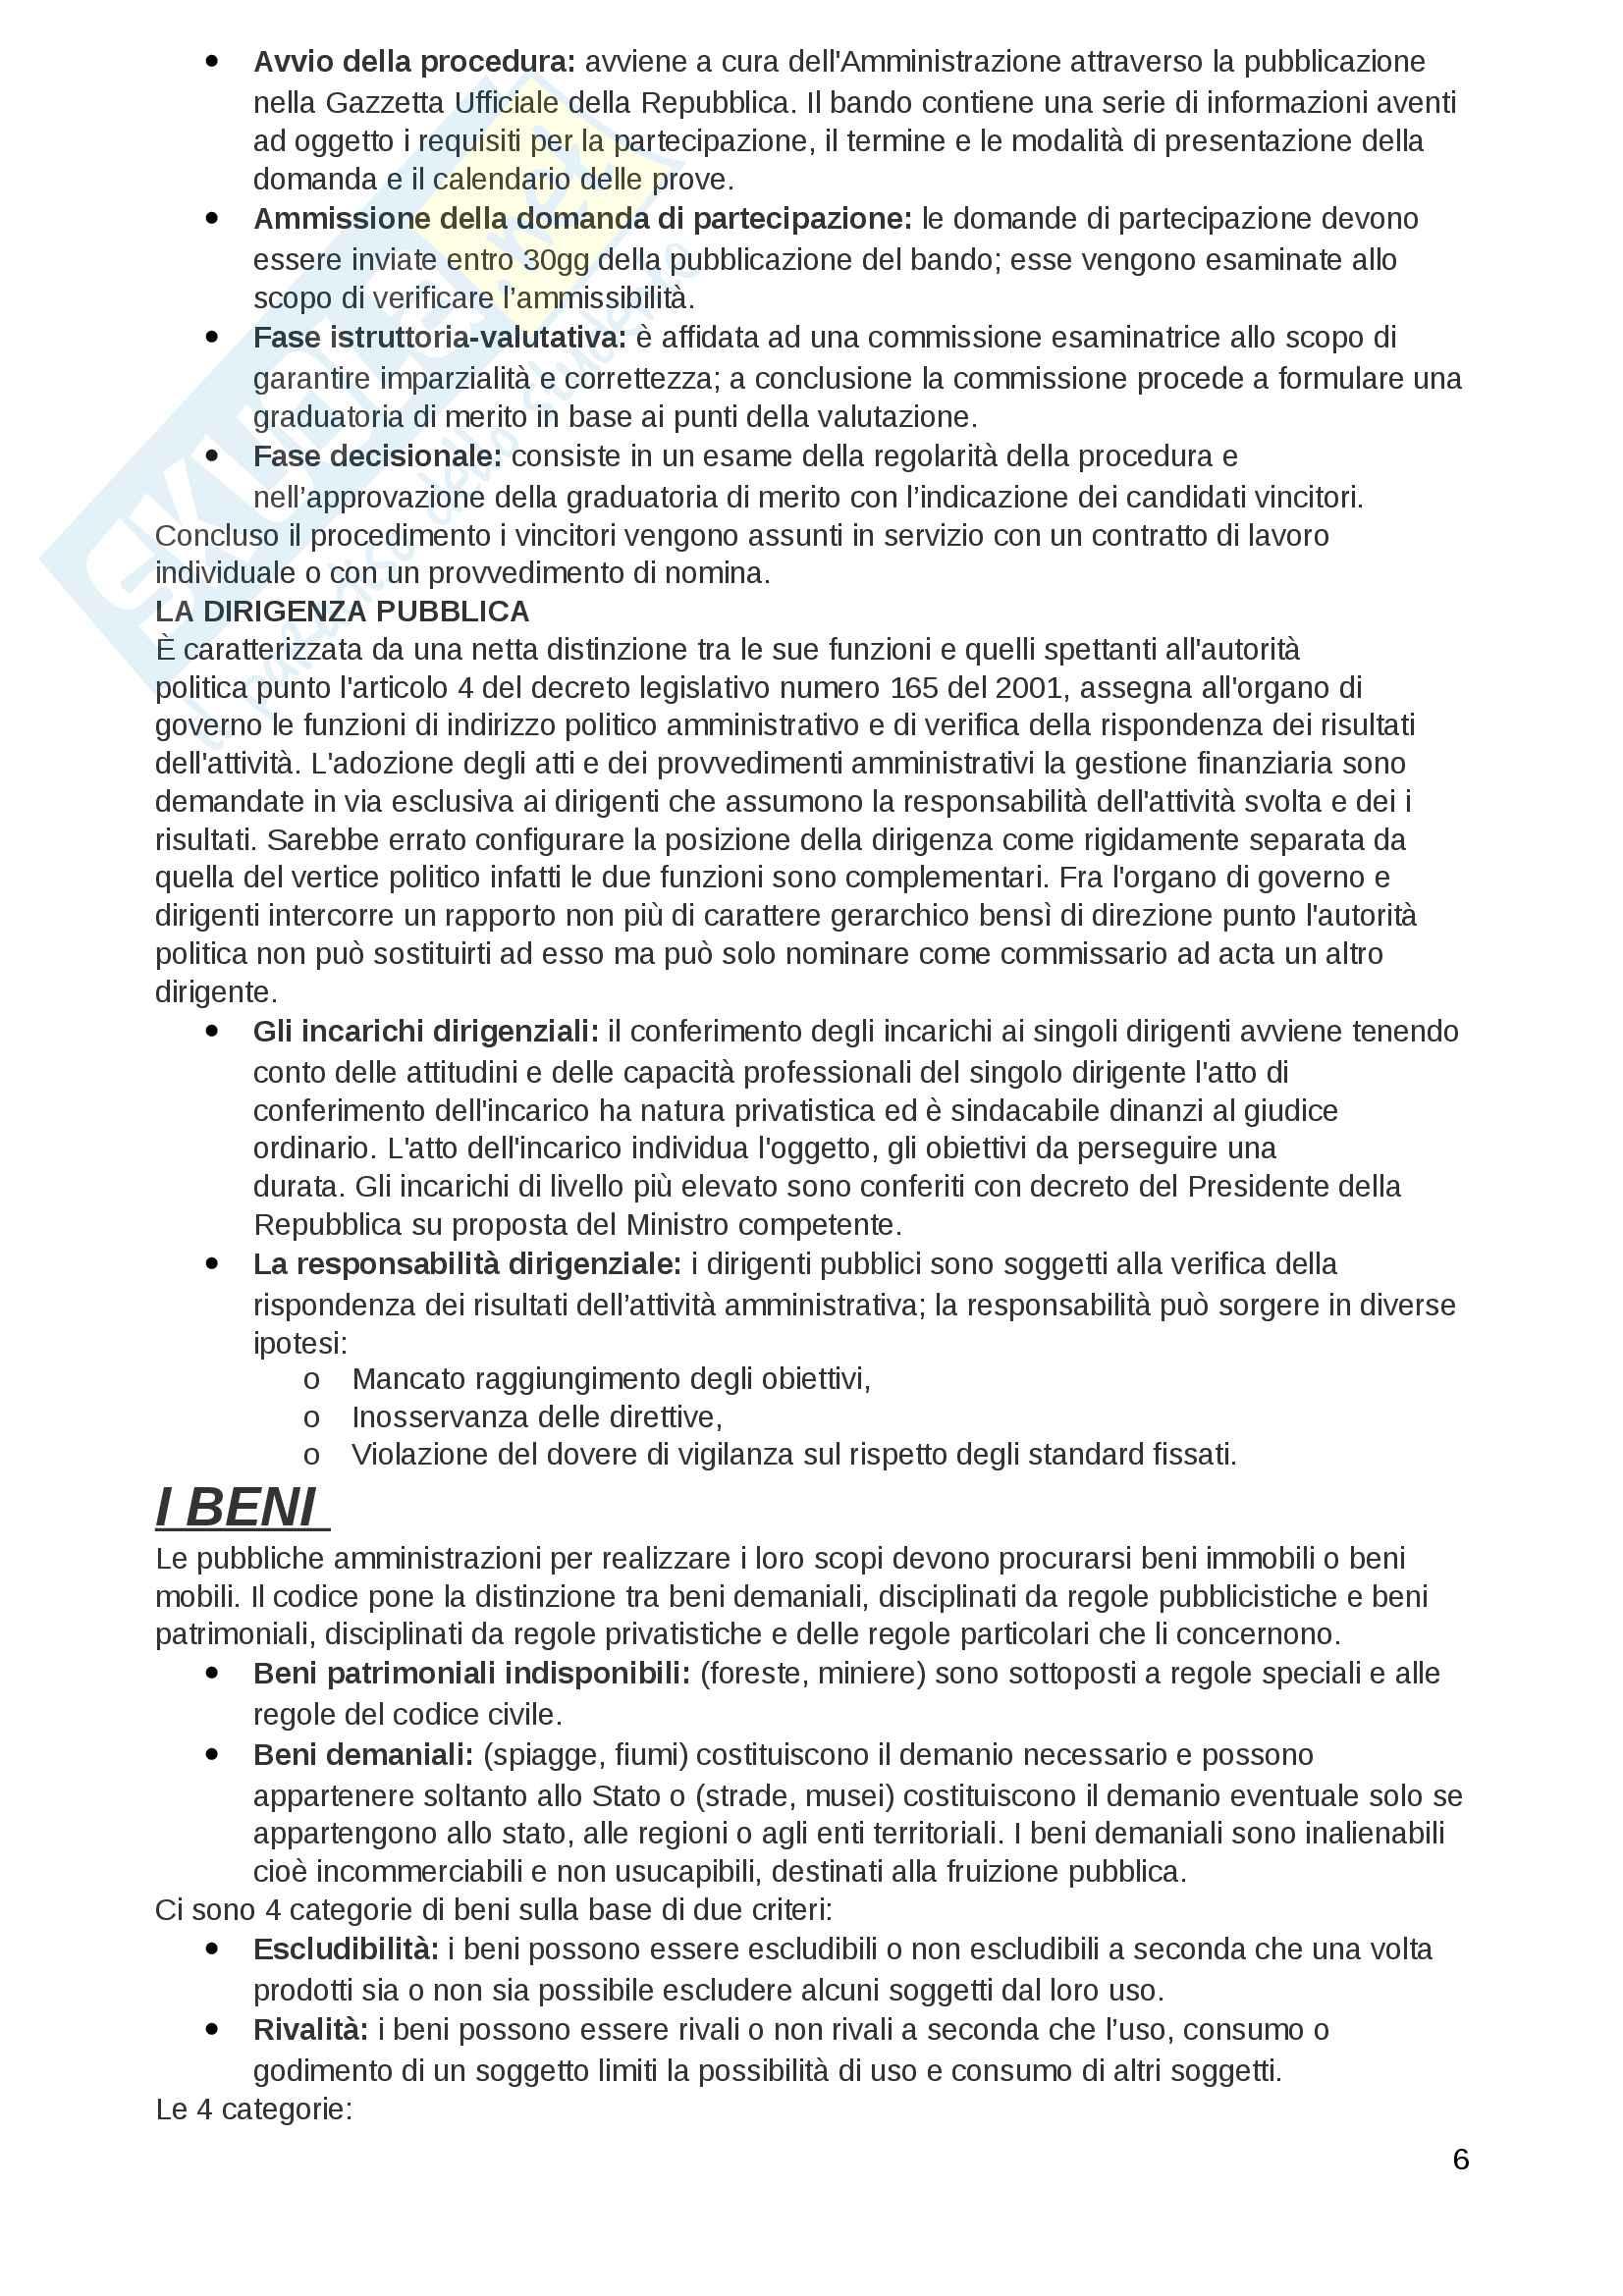 Diritto amministrativo riassunto Pag. 6